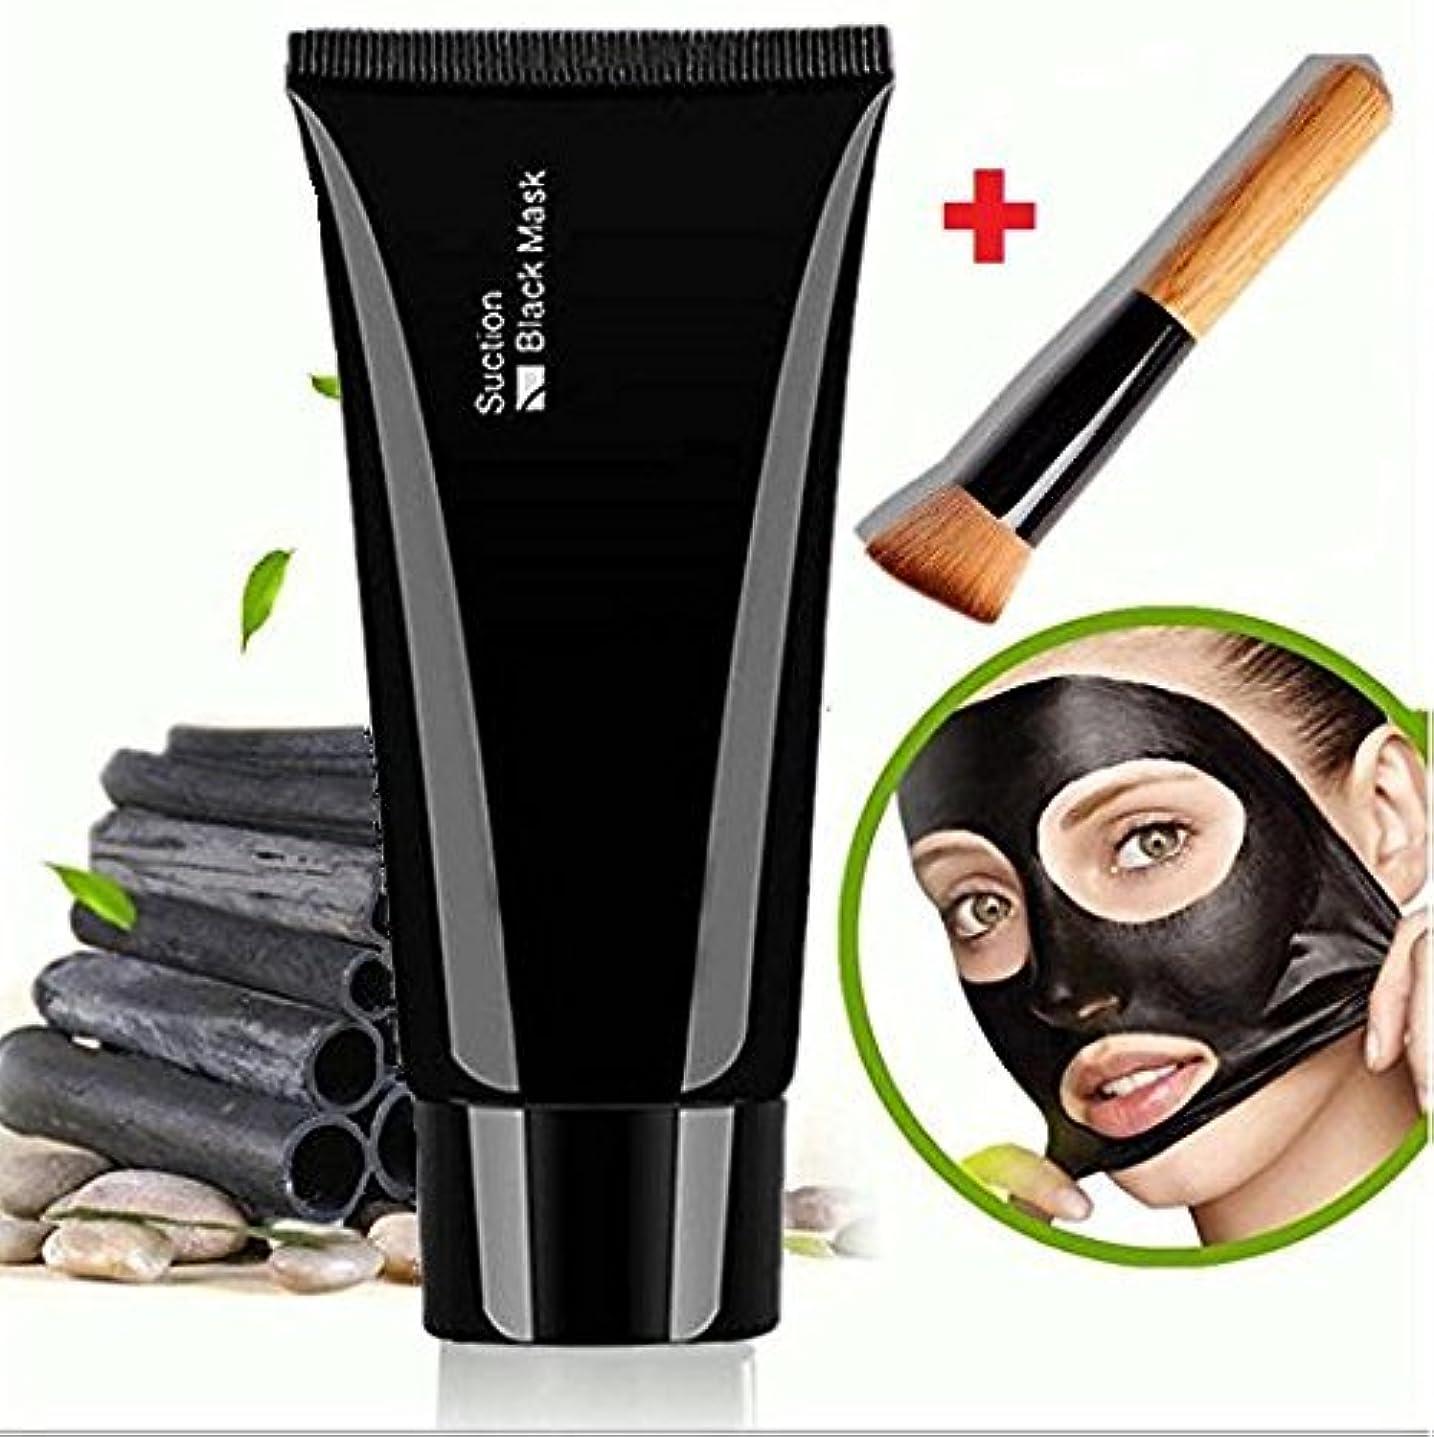 大佐シンプルなたくさんのFacial Mask Black, Face Apeel Cleansing Mask Deep Cleanser Blackhead Acne Remover Peel off Mask + Wooden Brush